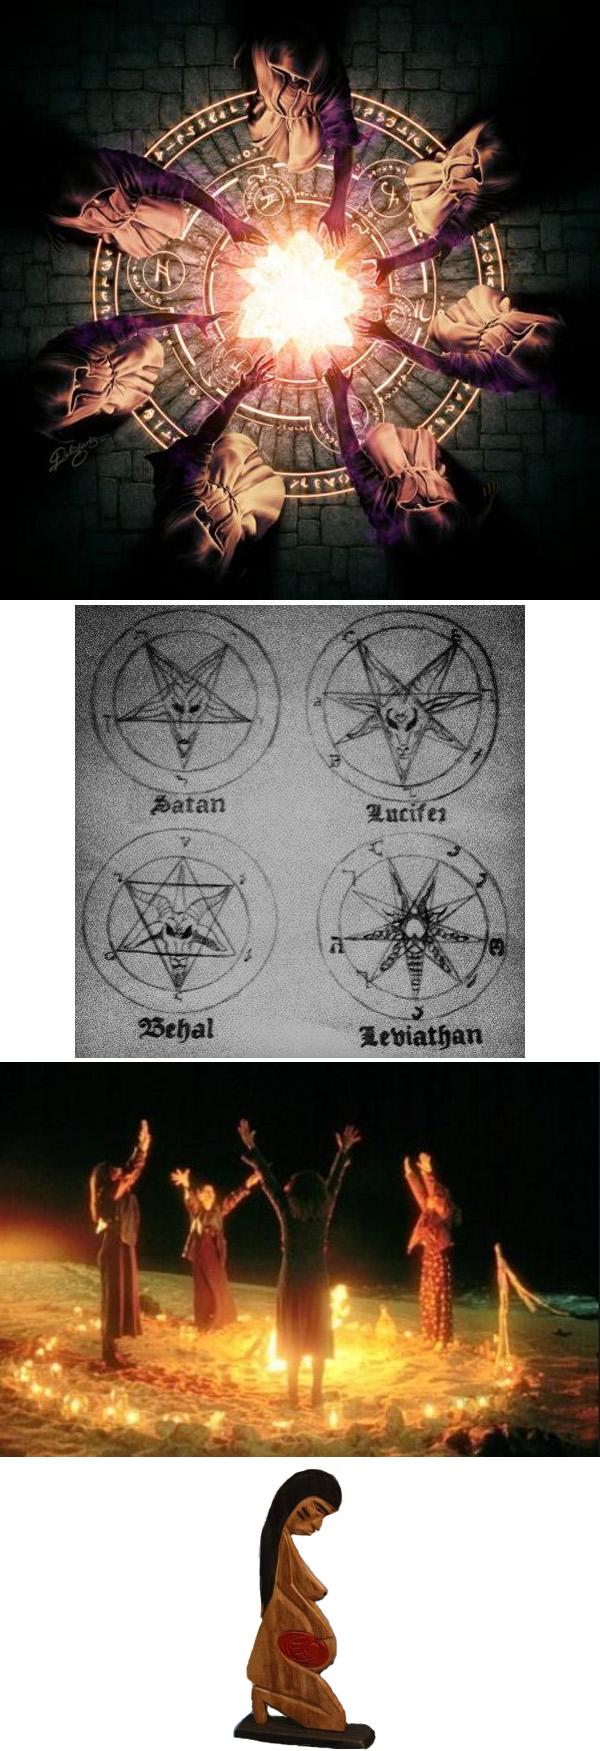 significado oculto de heptagrama y círculo